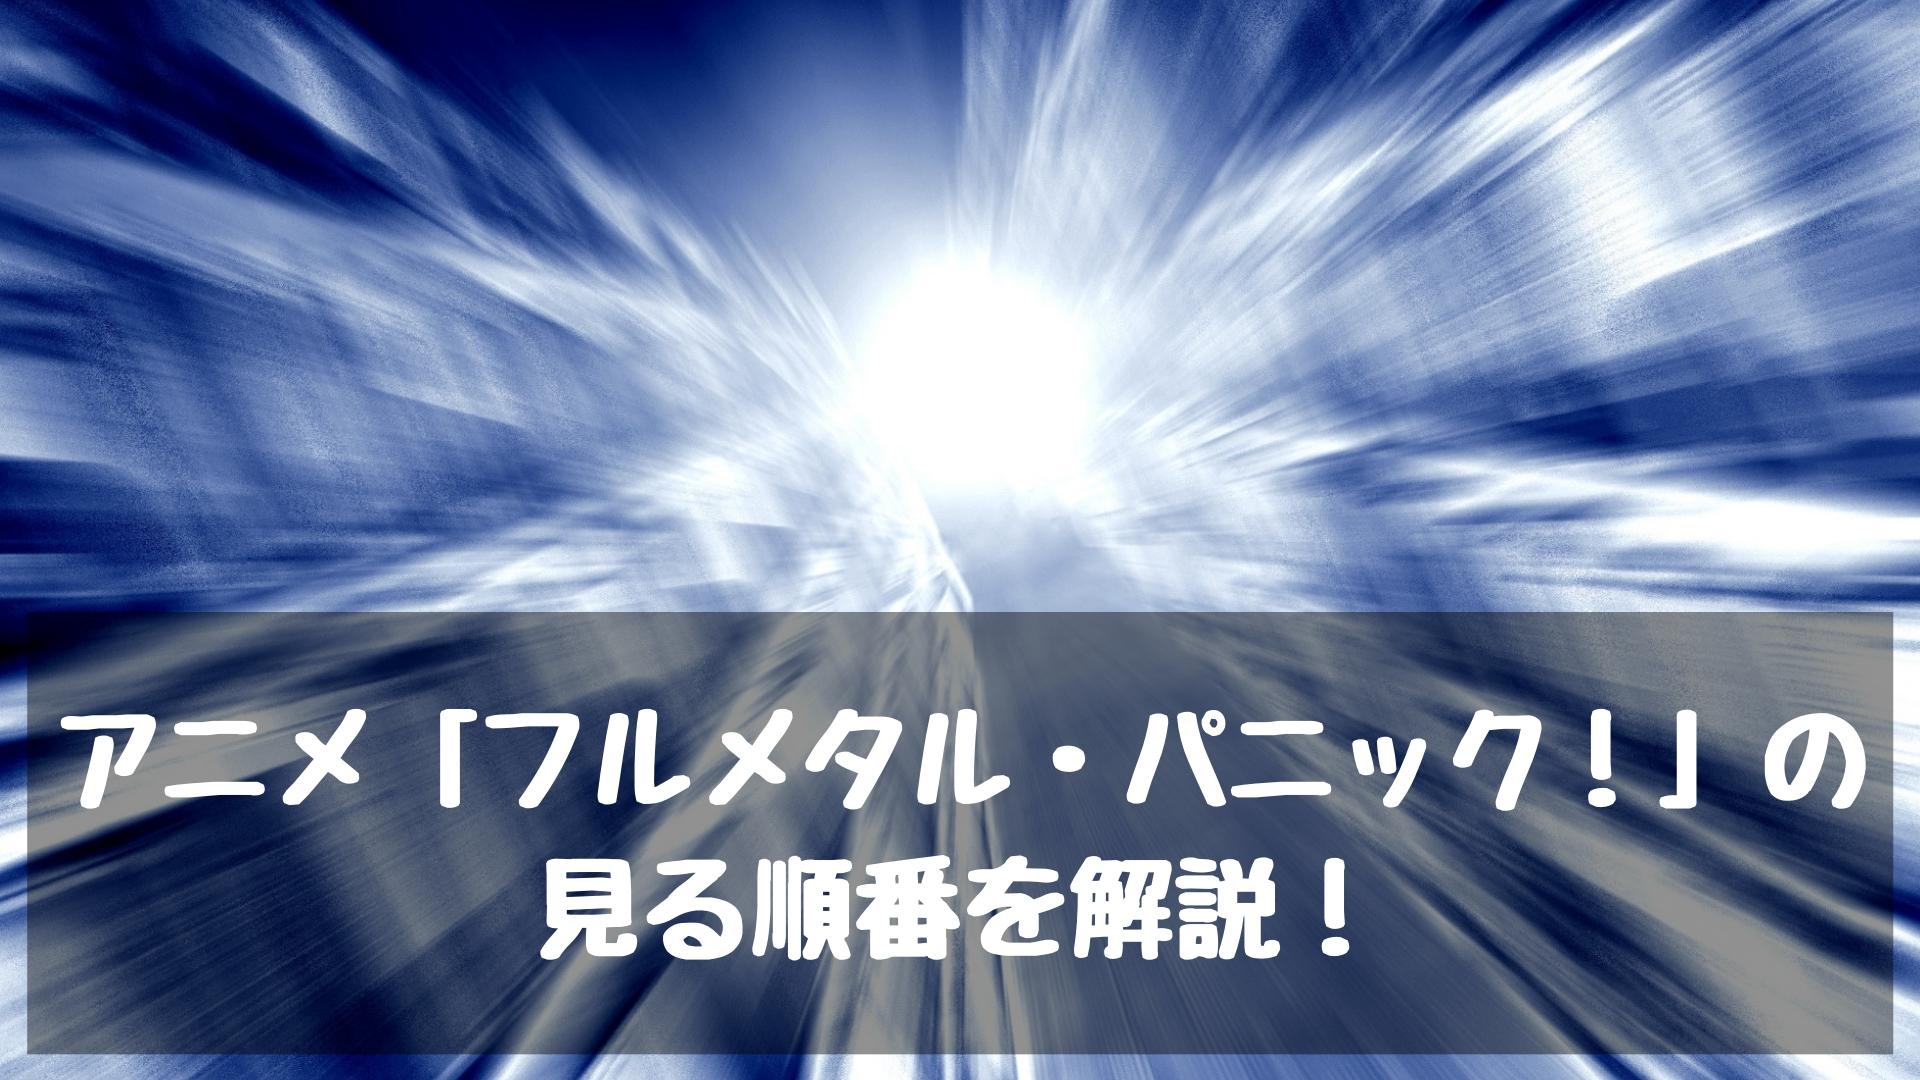 アニメ「フルメタル・パニック!」の見る順番を解説!順番を間違えたら面白さ半減!?